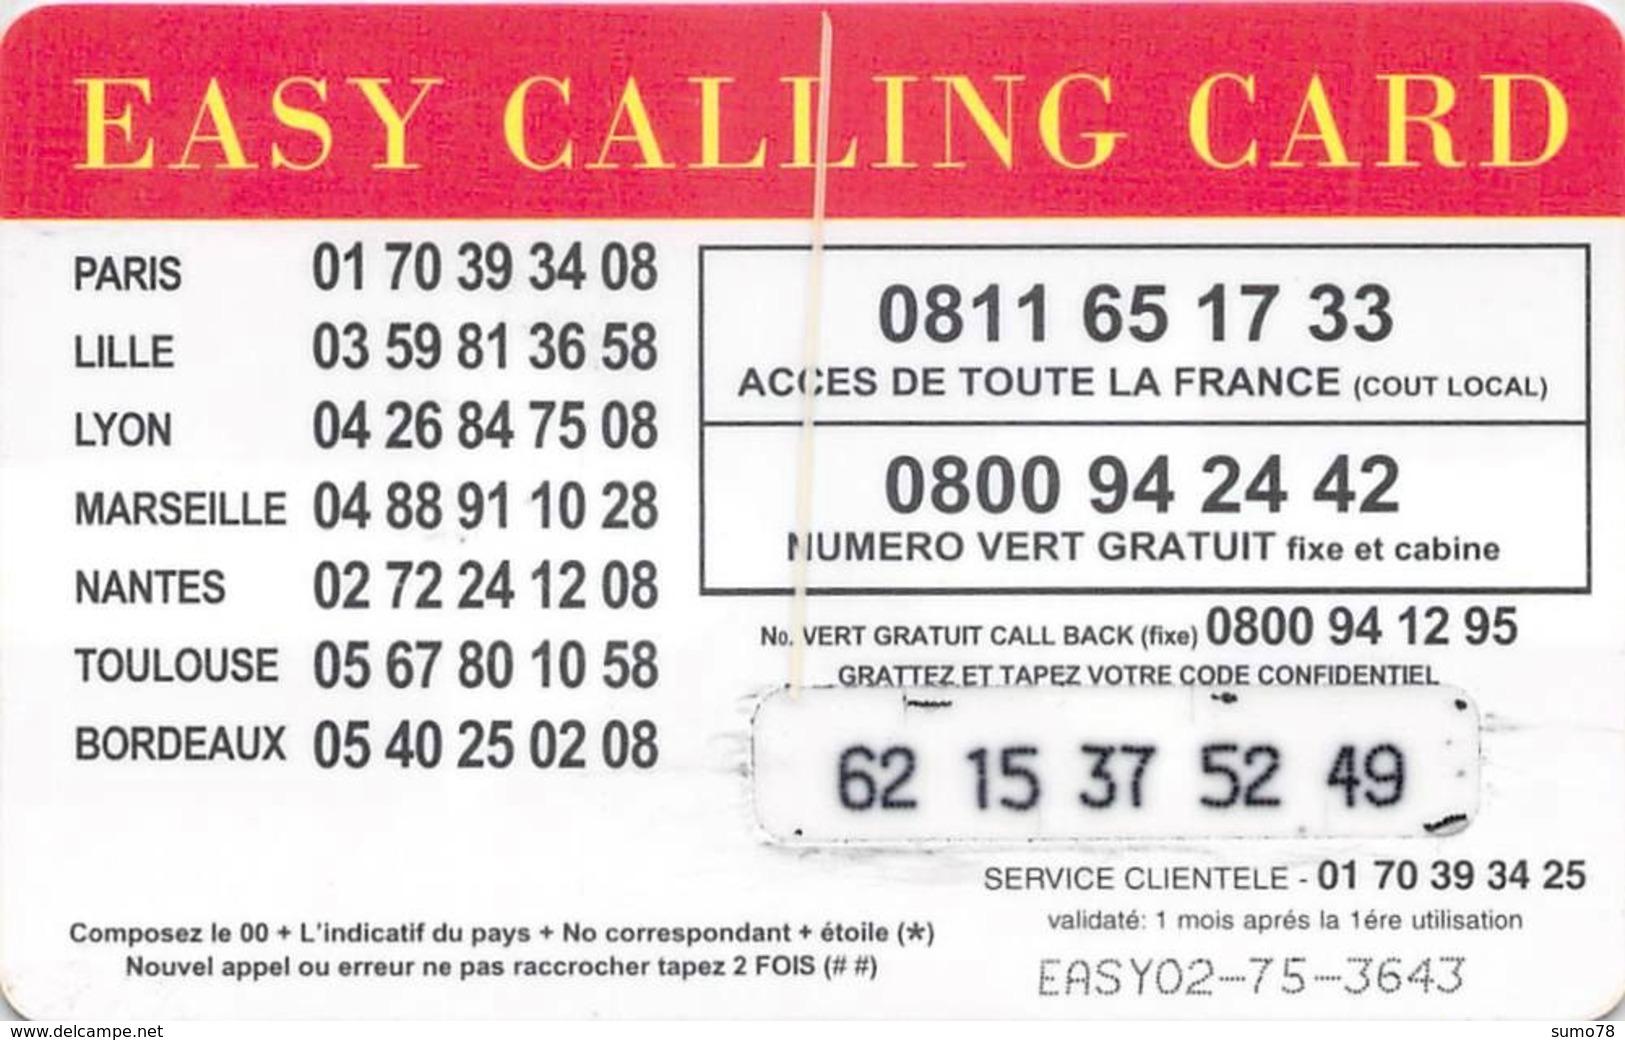 Carte Prépayée  - EASY CALLING CARDL  -  Prépaid  - - Frankrijk